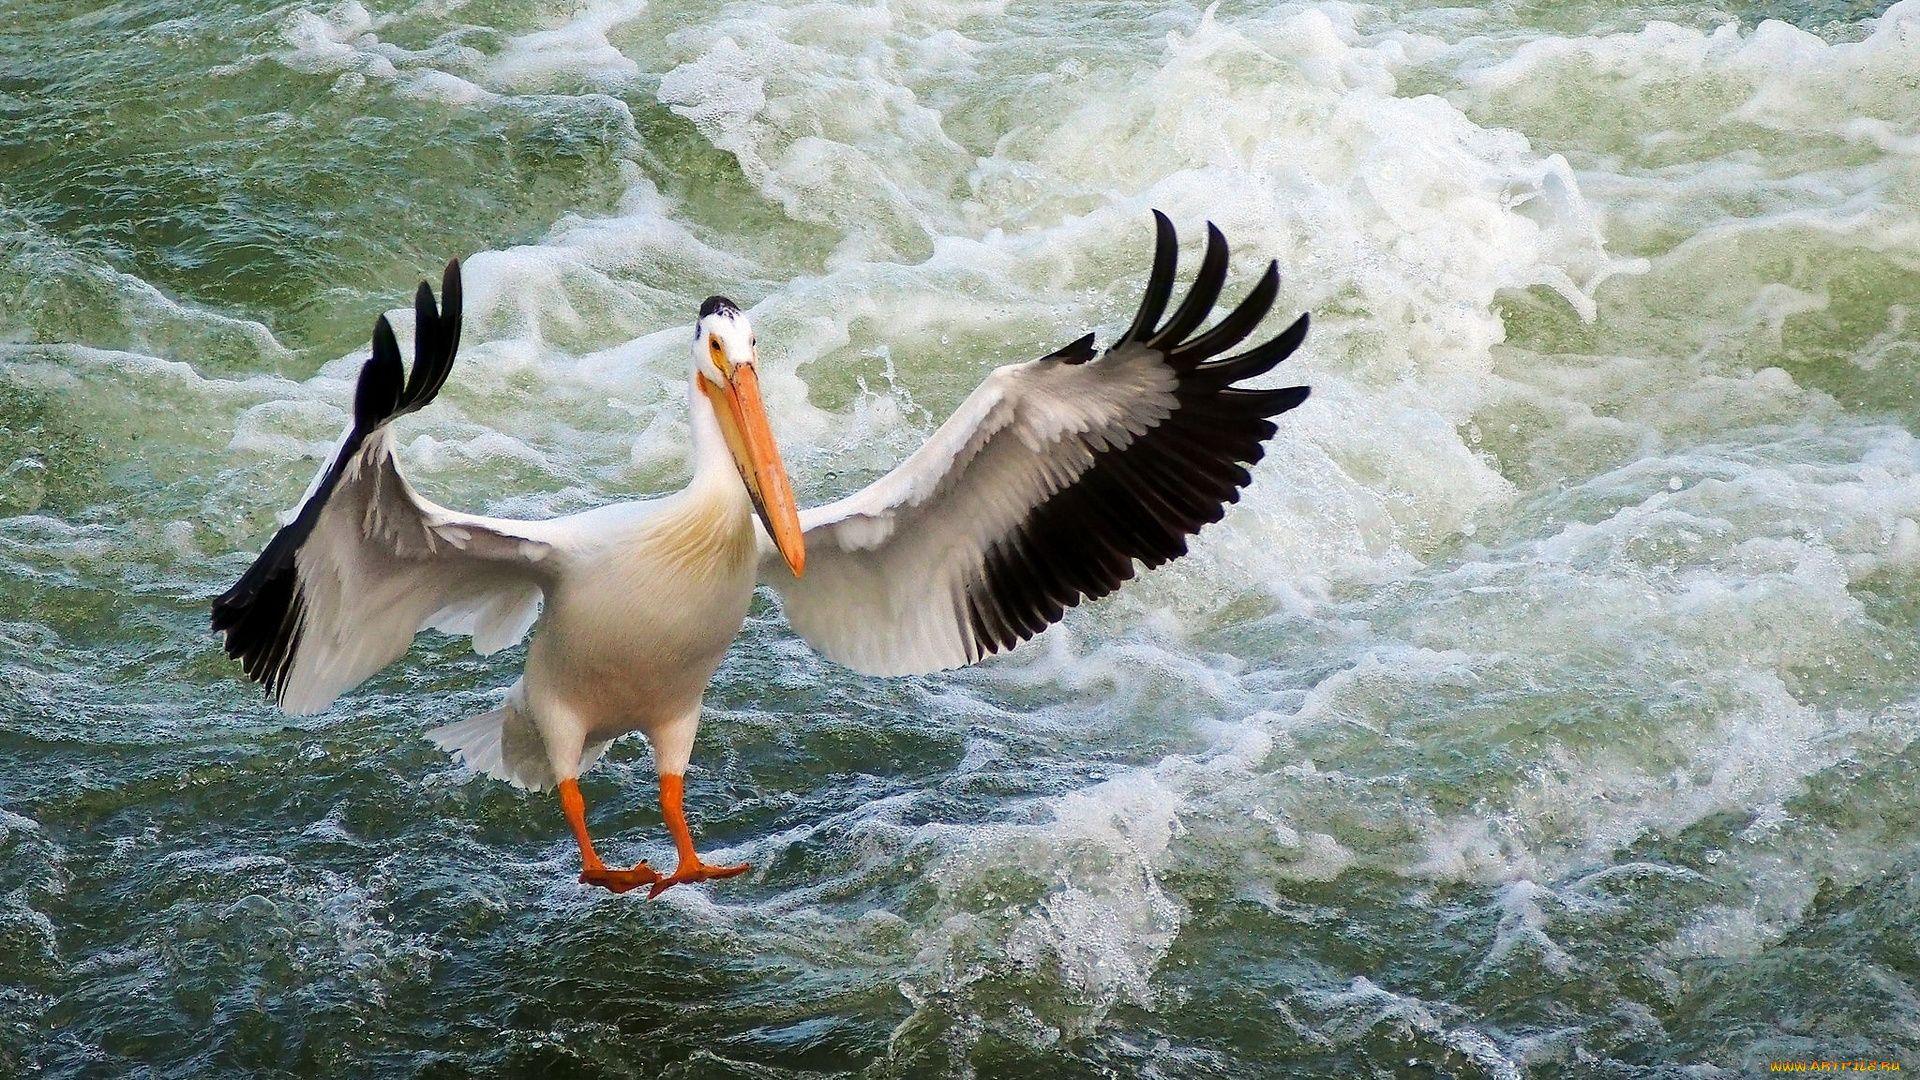 Pelican download wallpaper image